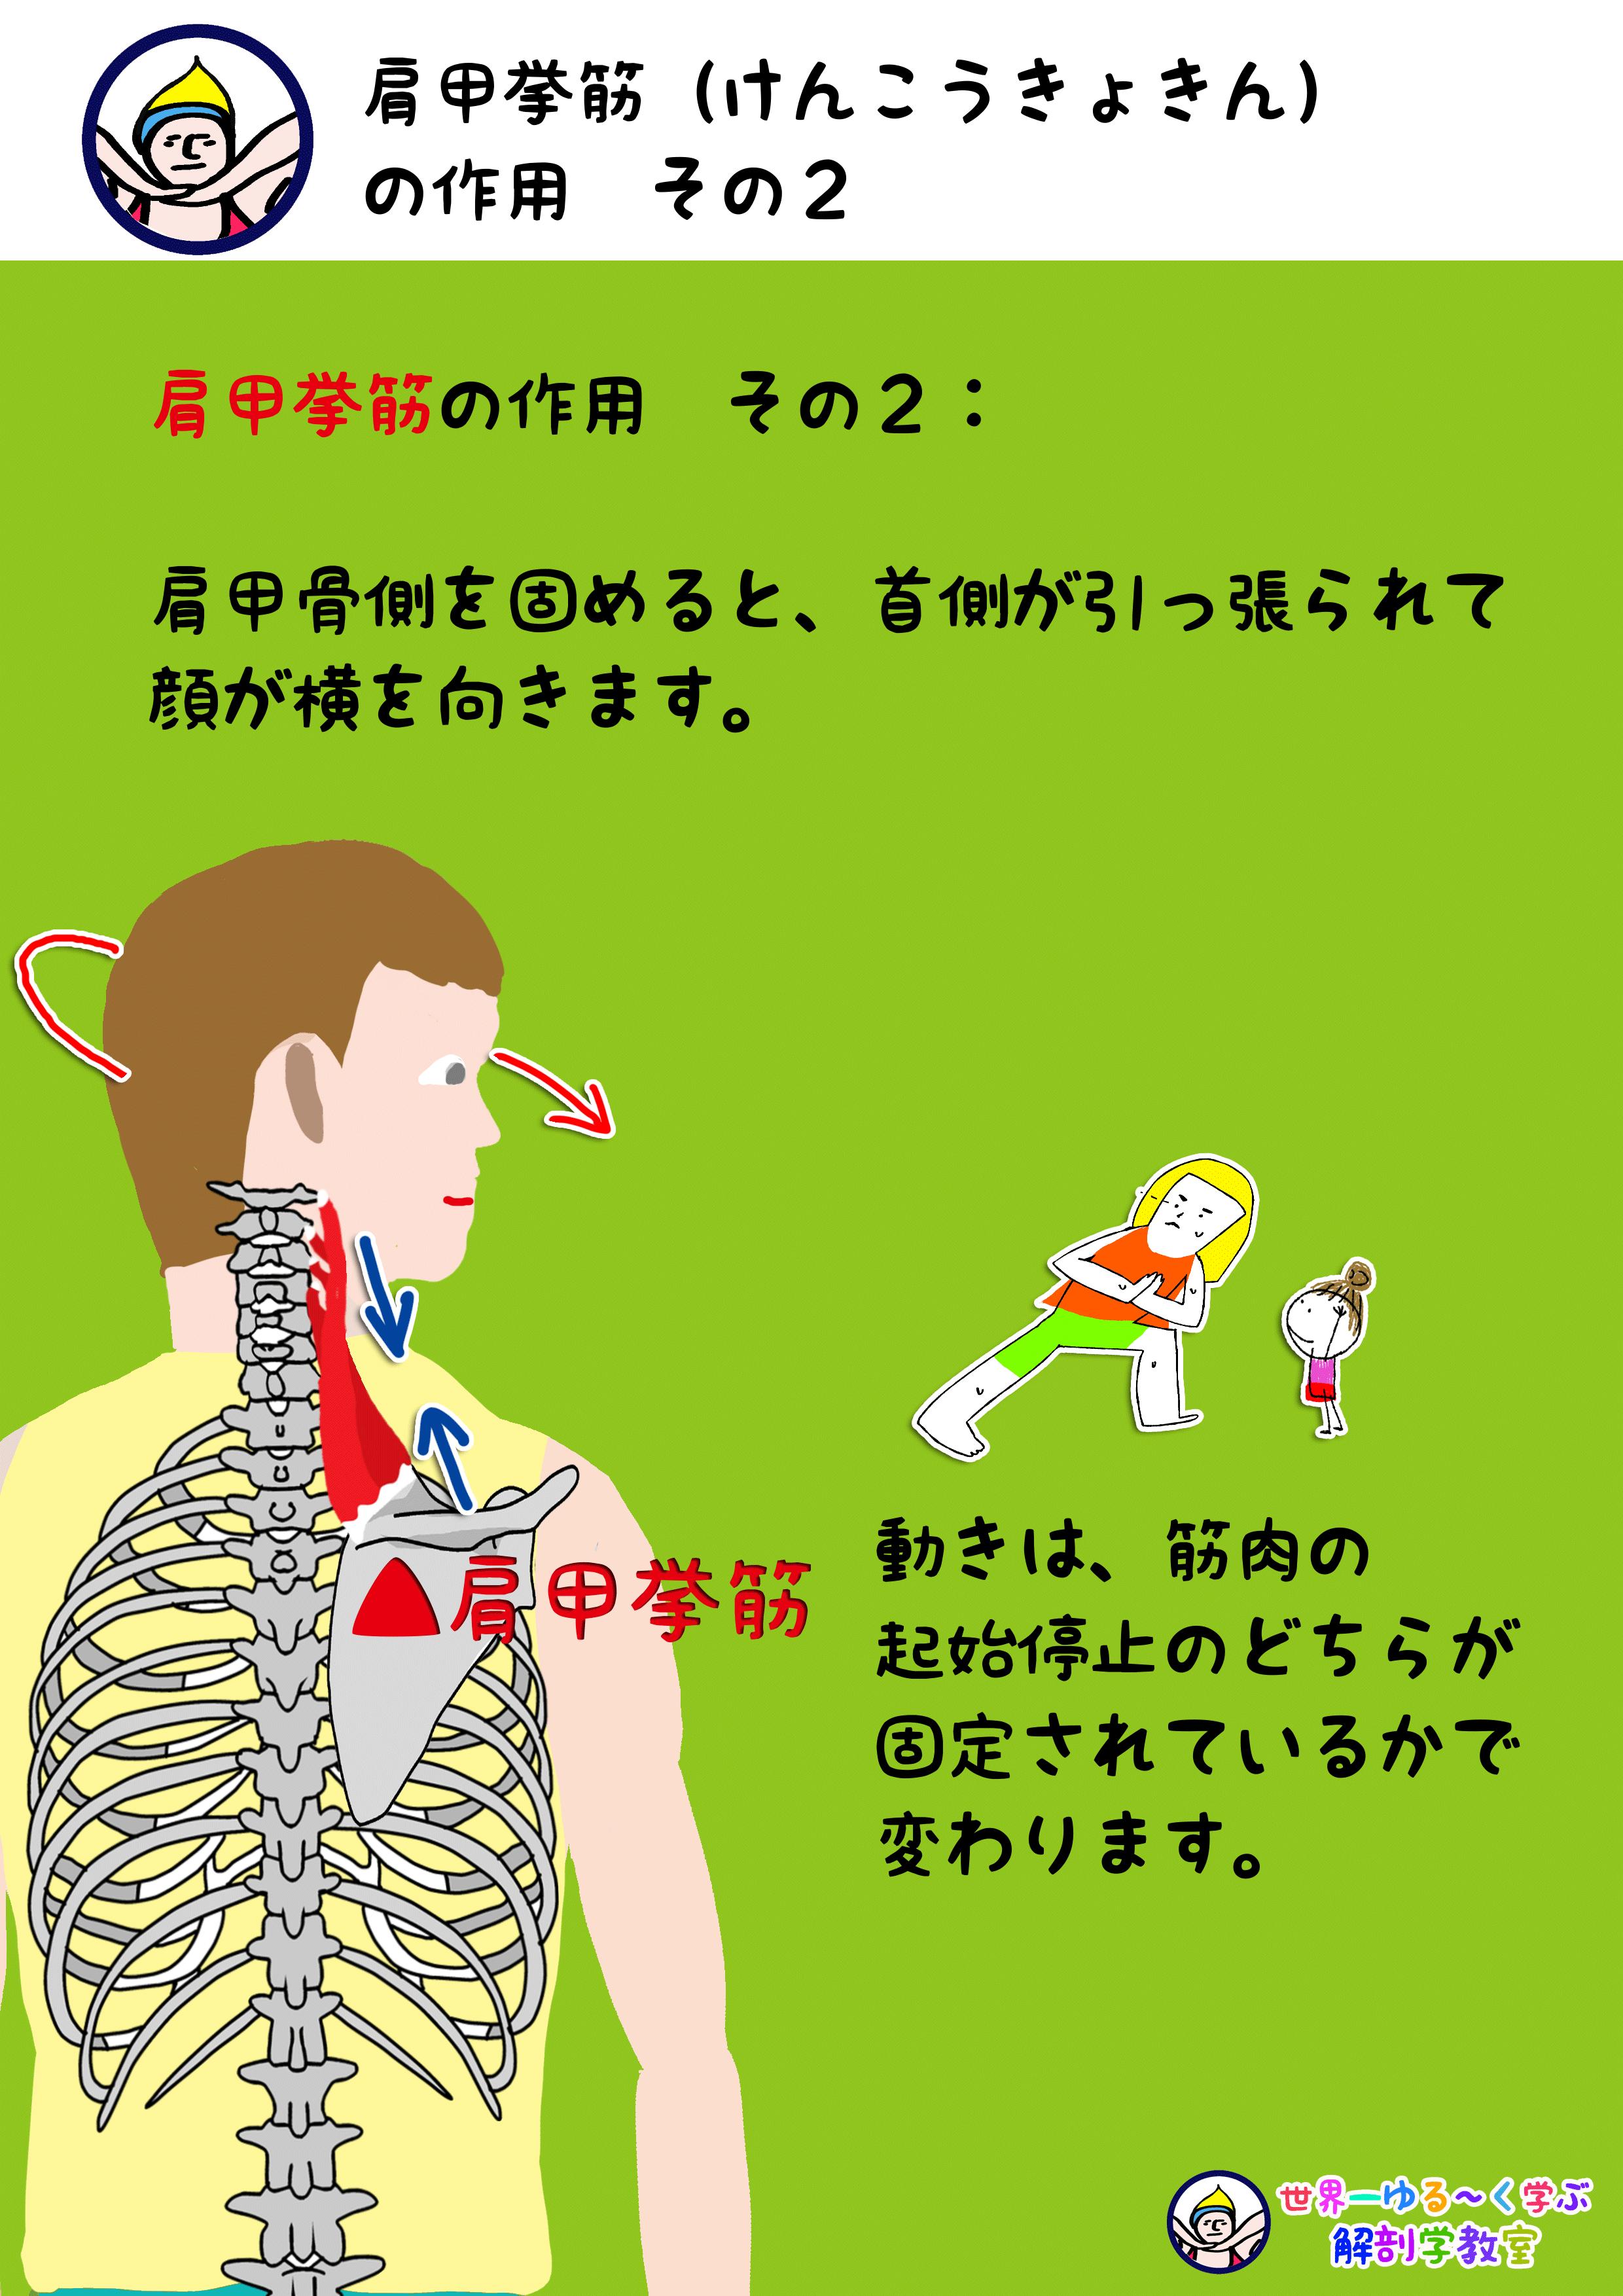 肩甲挙筋の作用 首の回旋